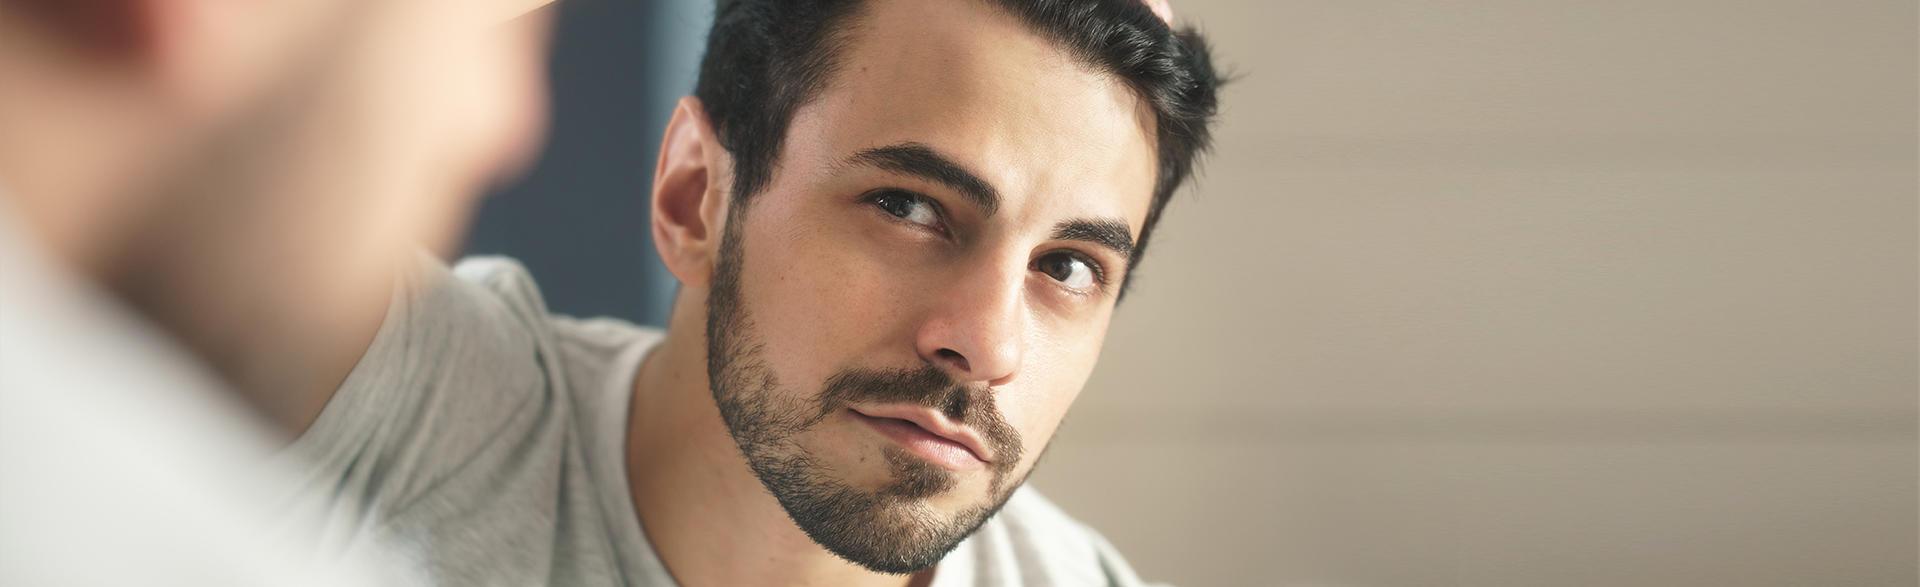 Thinning Hair Hair Loss In Men Causes Treatments Nioxin